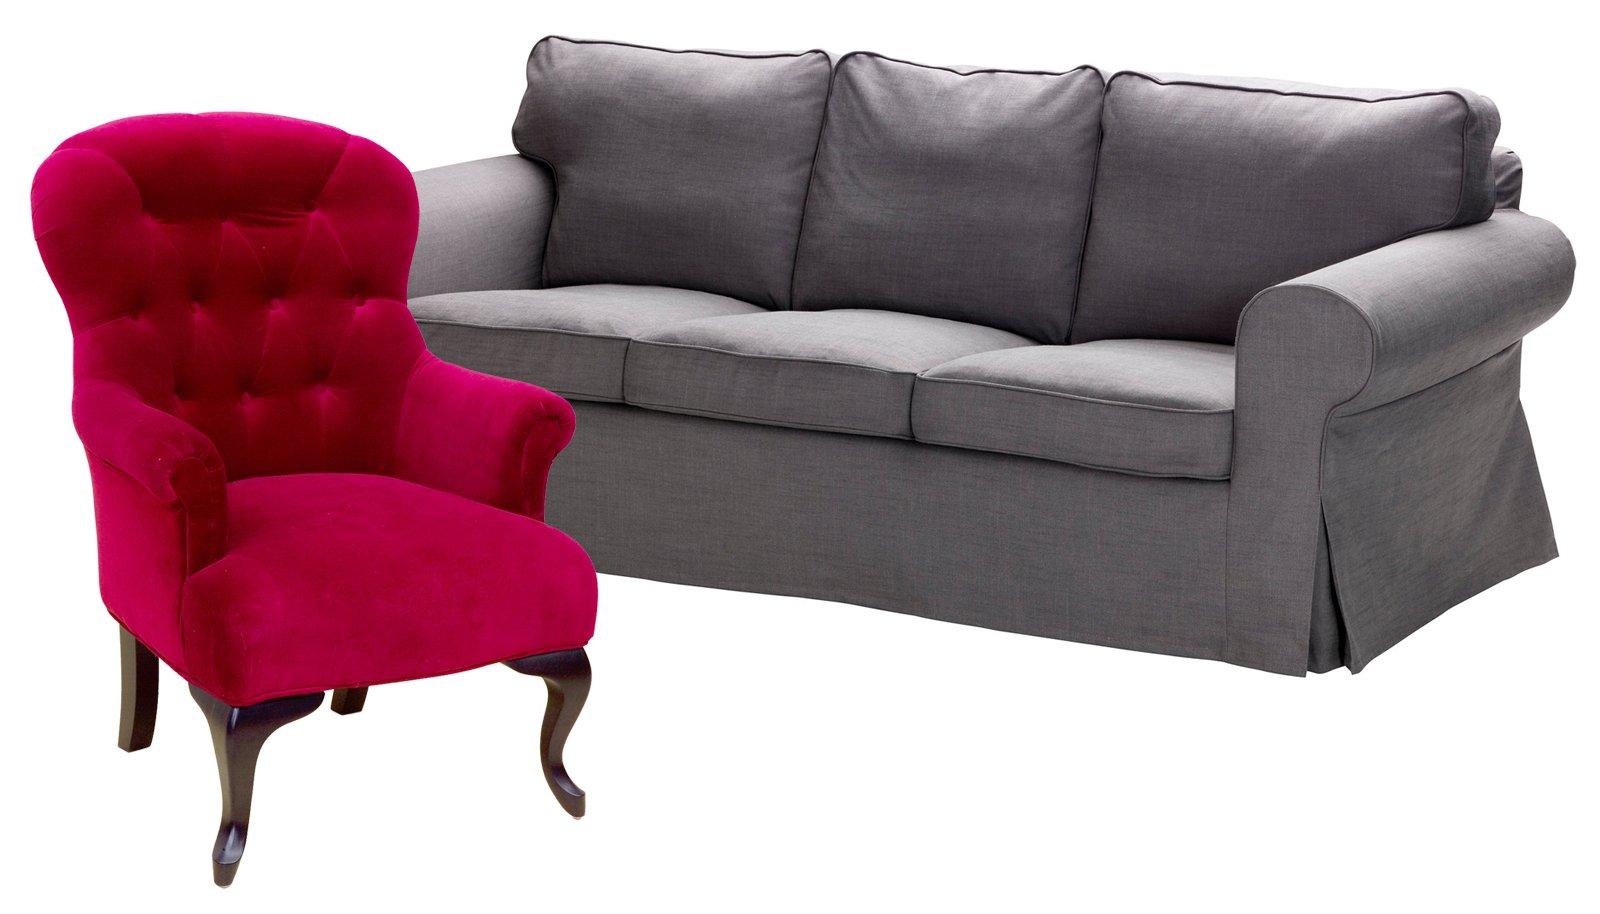 Divano rosso ikea idee per il design della casa - Divano balebo ikea opinioni ...